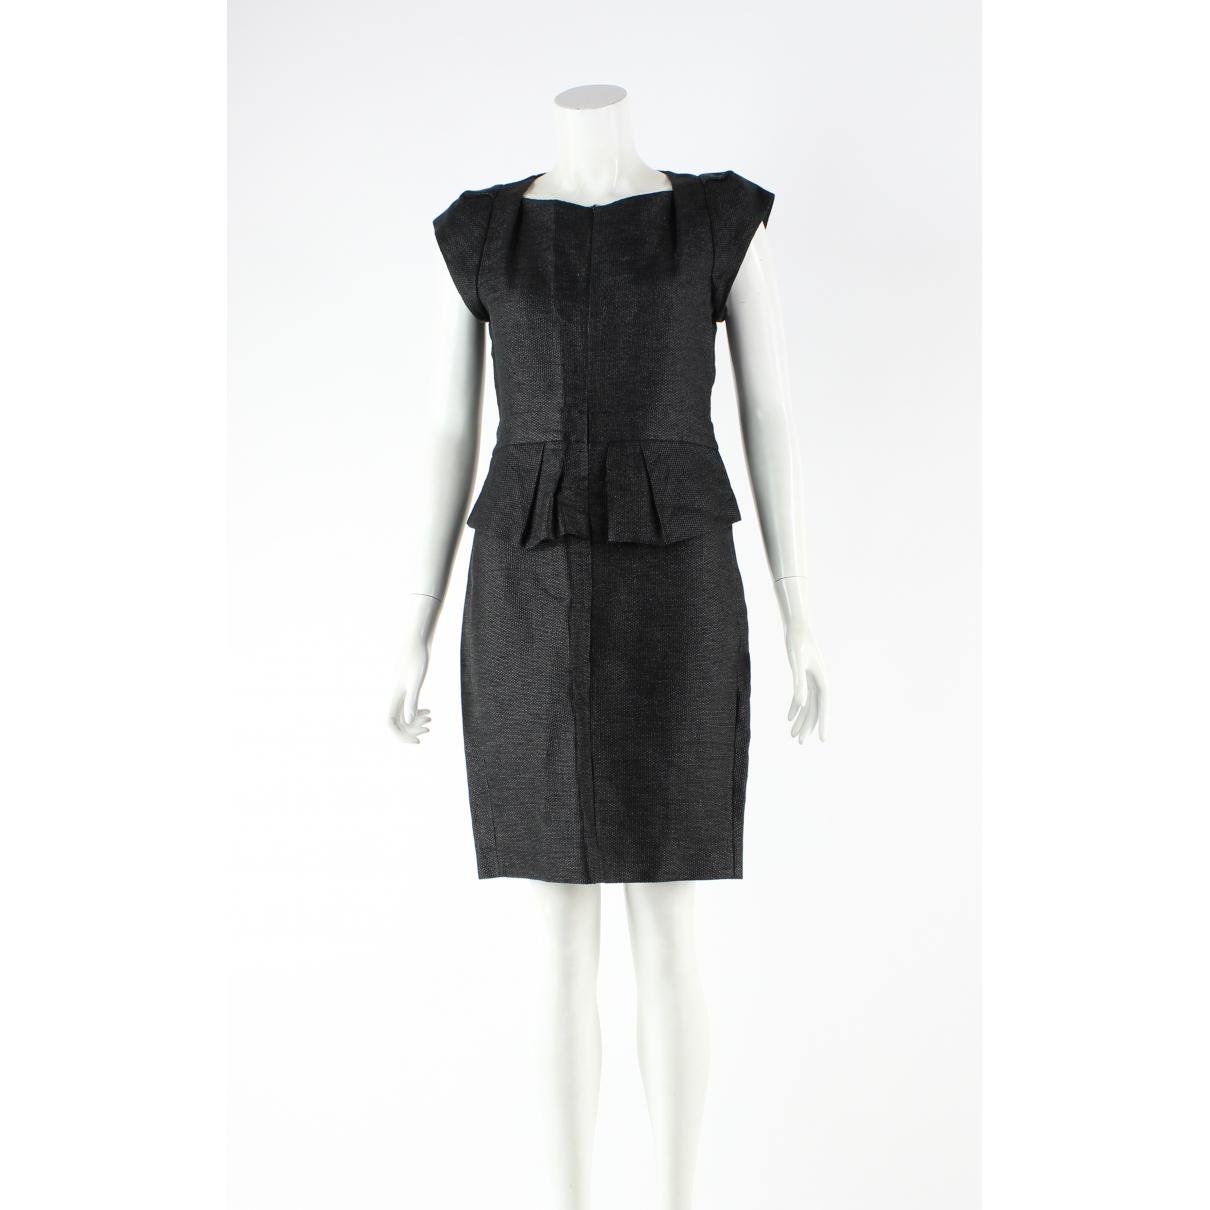 Maje N Black Cotton dress for Women 38 FR